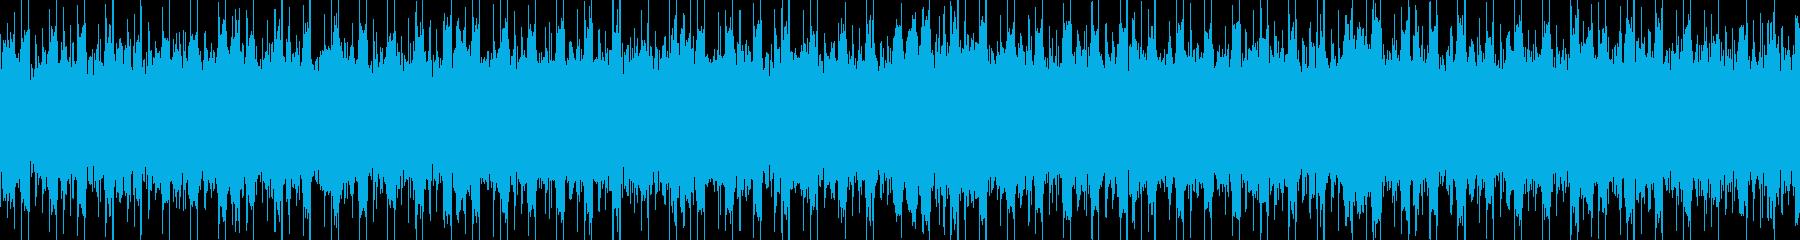 メタル系リフが印象的なジングルの再生済みの波形